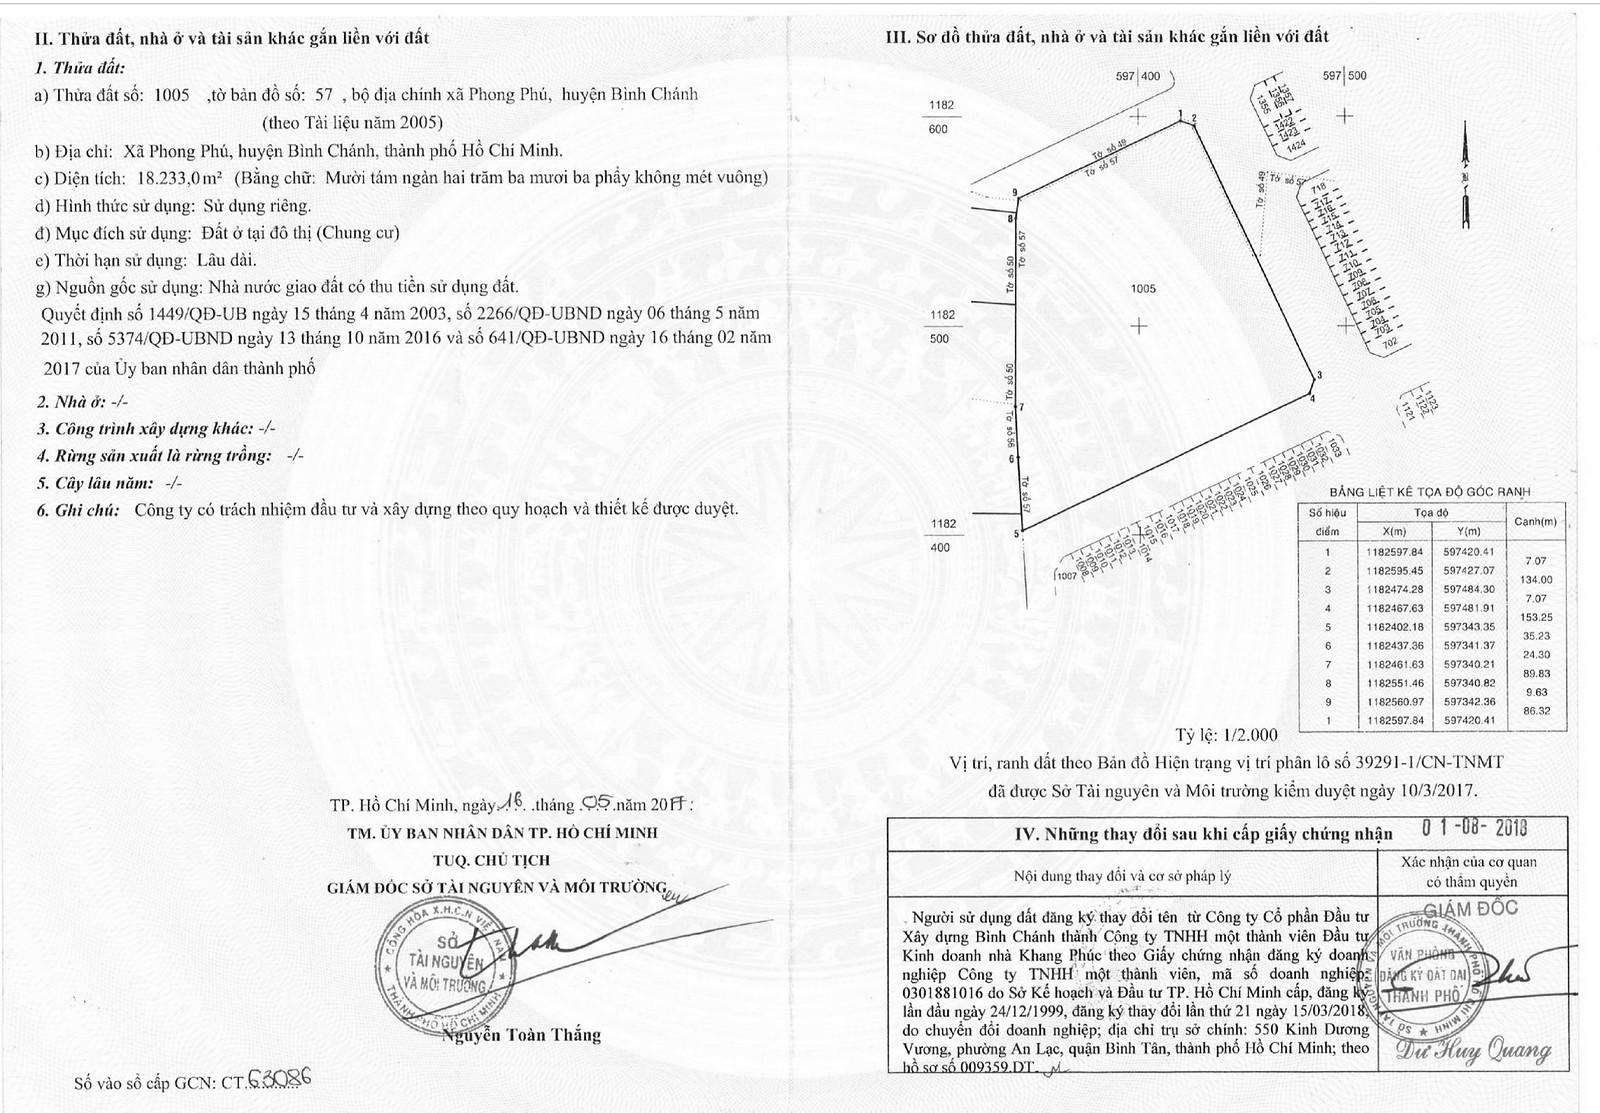 Pháp lý dự án Lovera Vista chi tiết hồ sơ giấy tờ 2